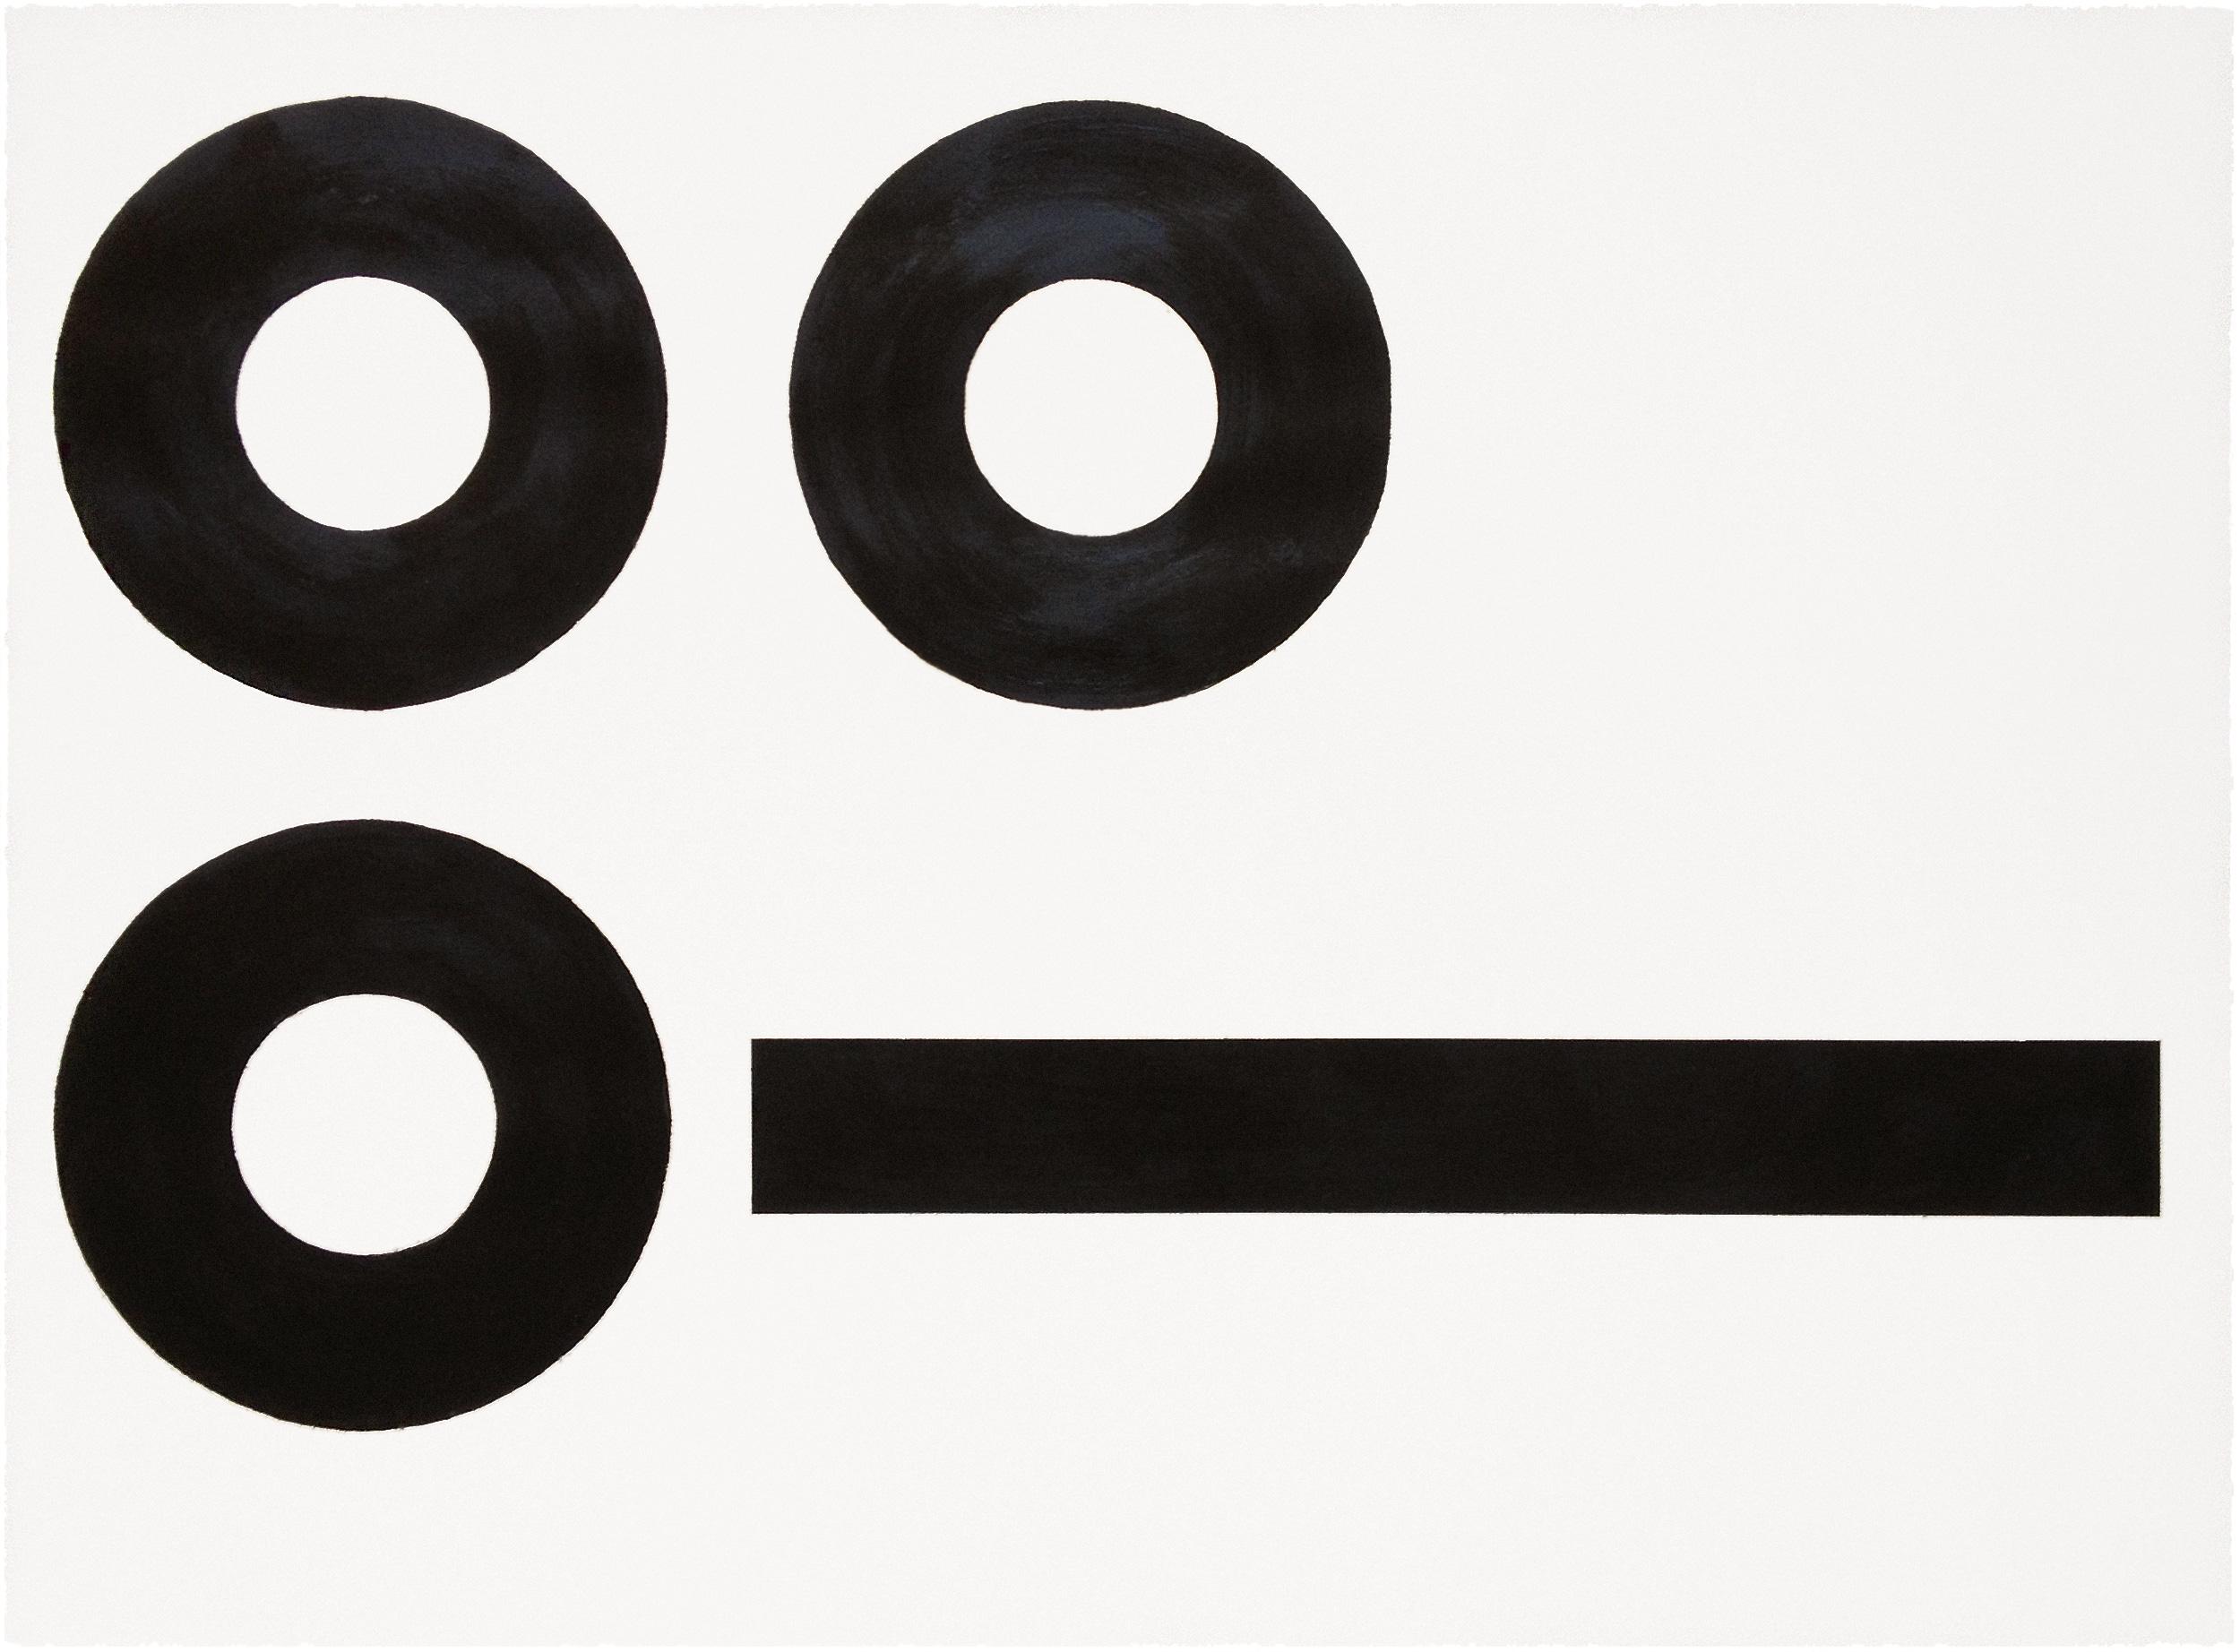 Cuatro Círculos — Diego Berjon